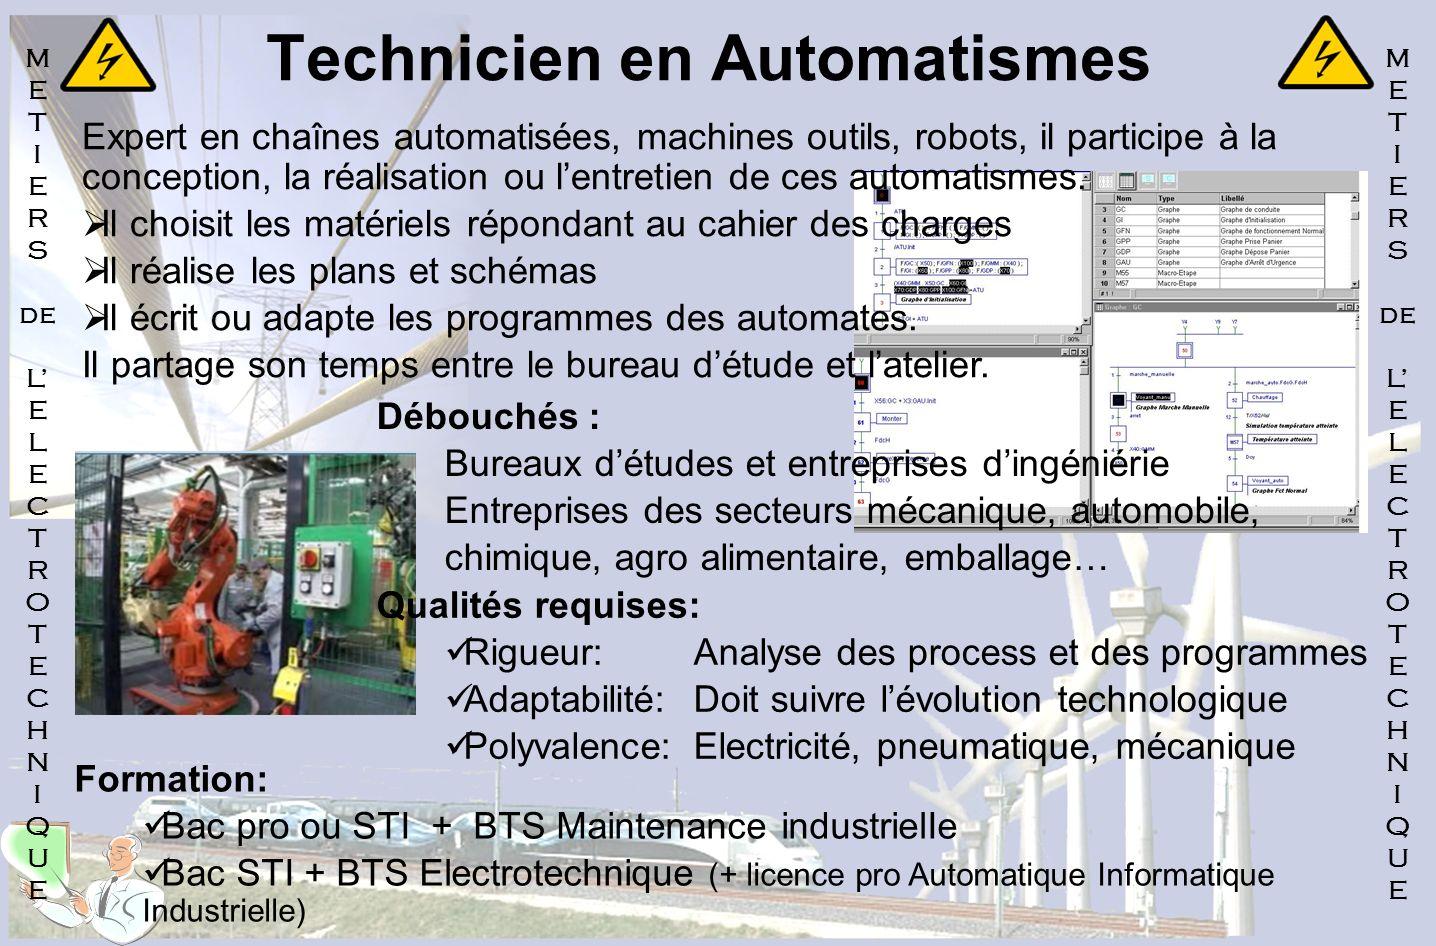 Technicien en Automatismes Expert en chaînes automatisées, machines outils, robots, il participe à la conception, la réalisation ou lentretien de ces